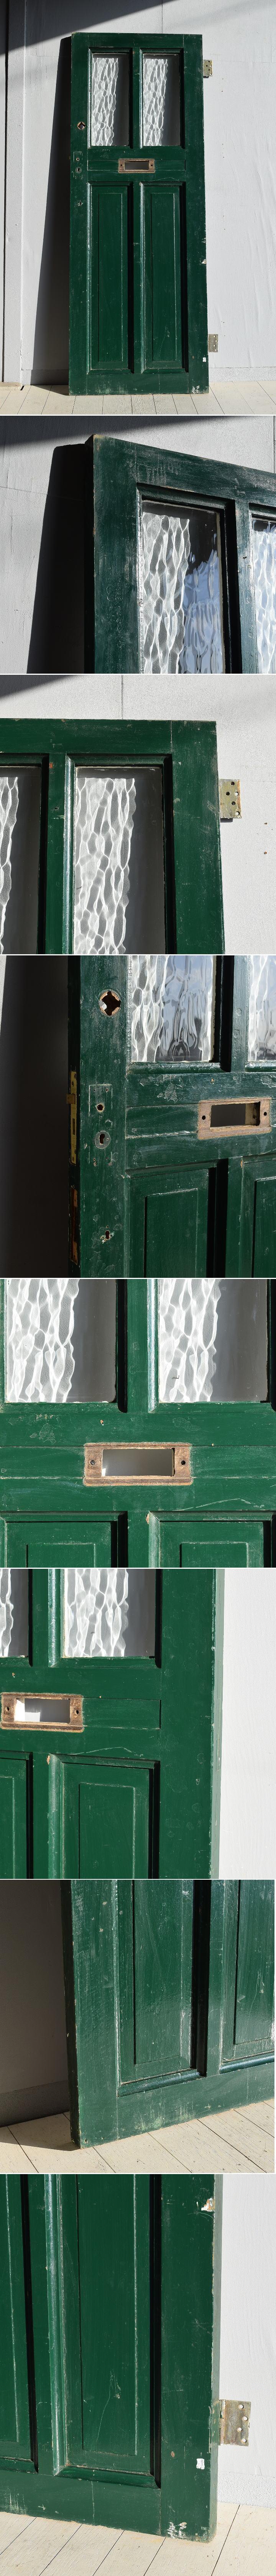 イギリス アンティーク ガラス ドア 扉 ディスプレイ 建具 7766